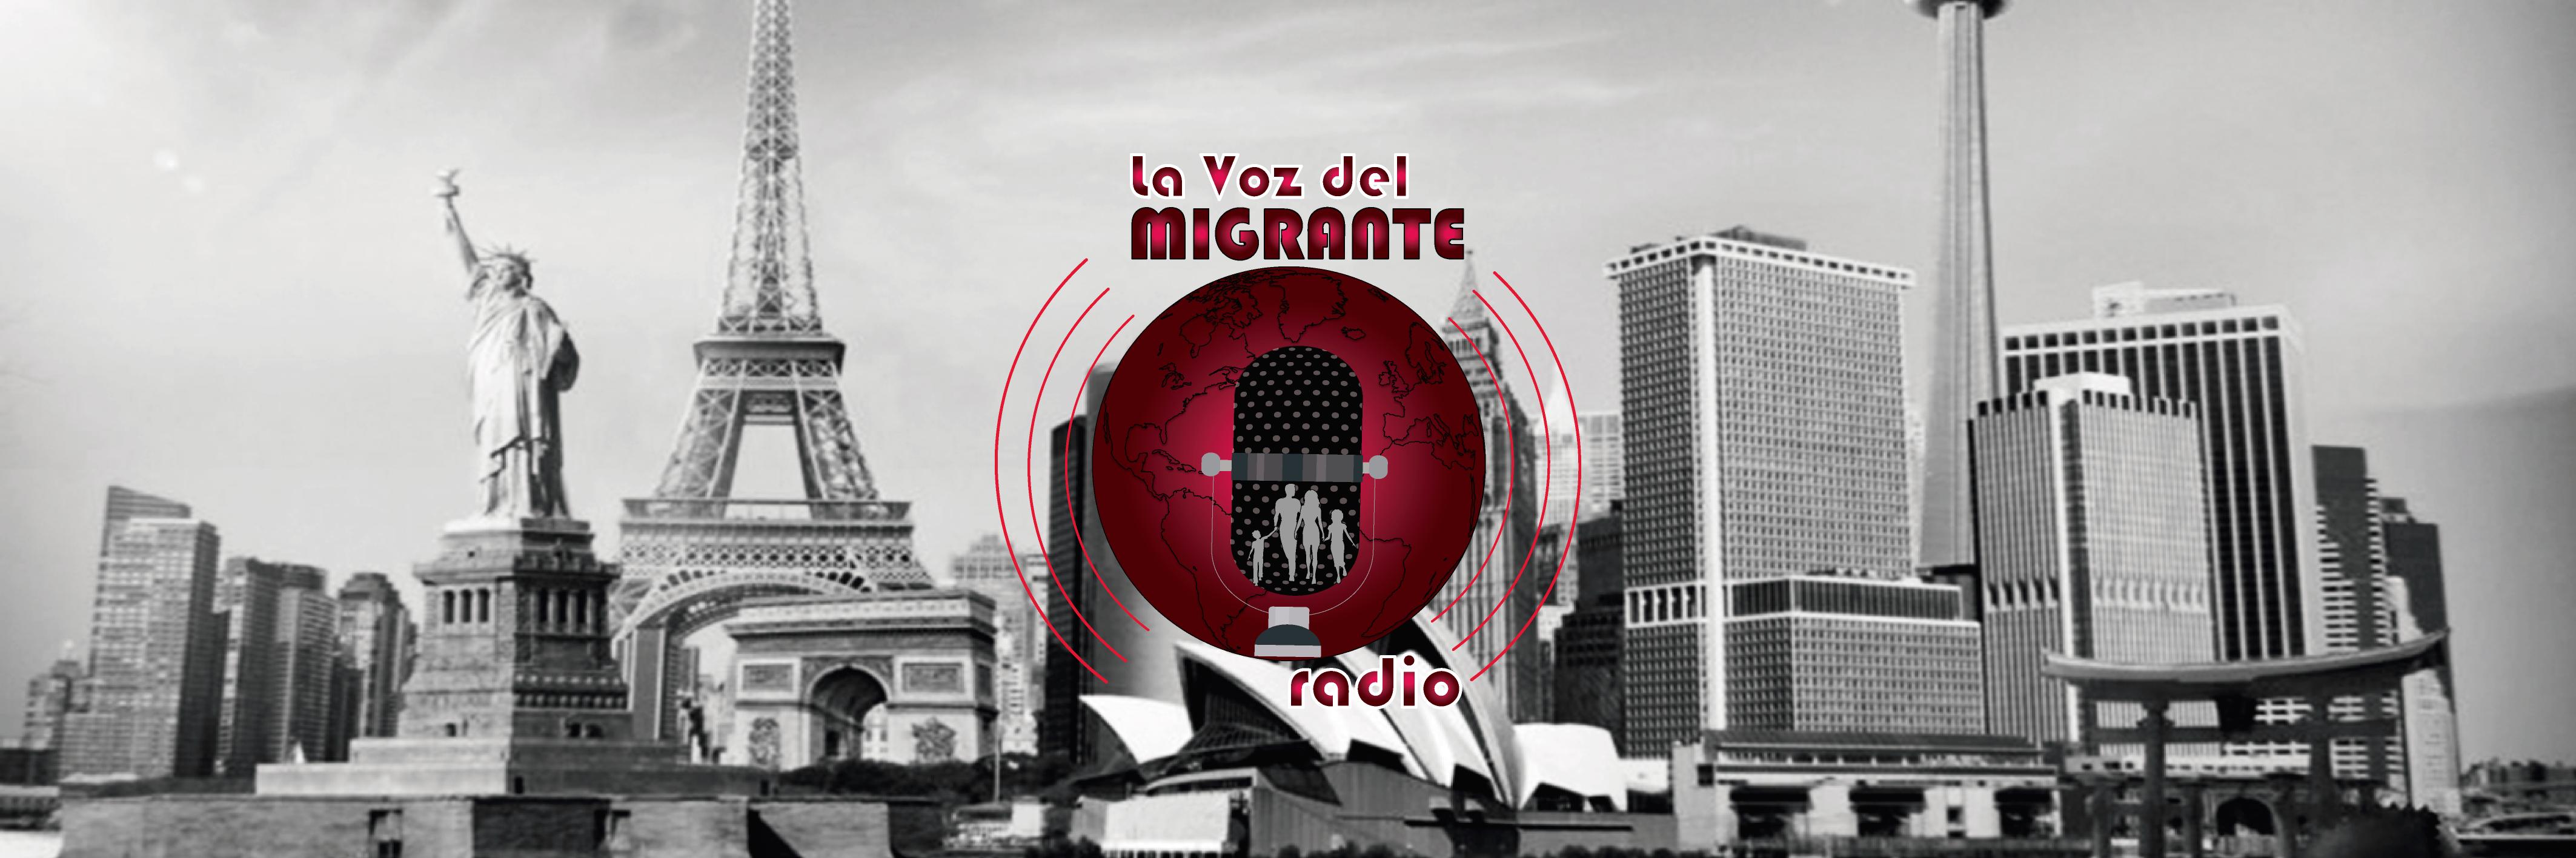 Logo la voz del migrante